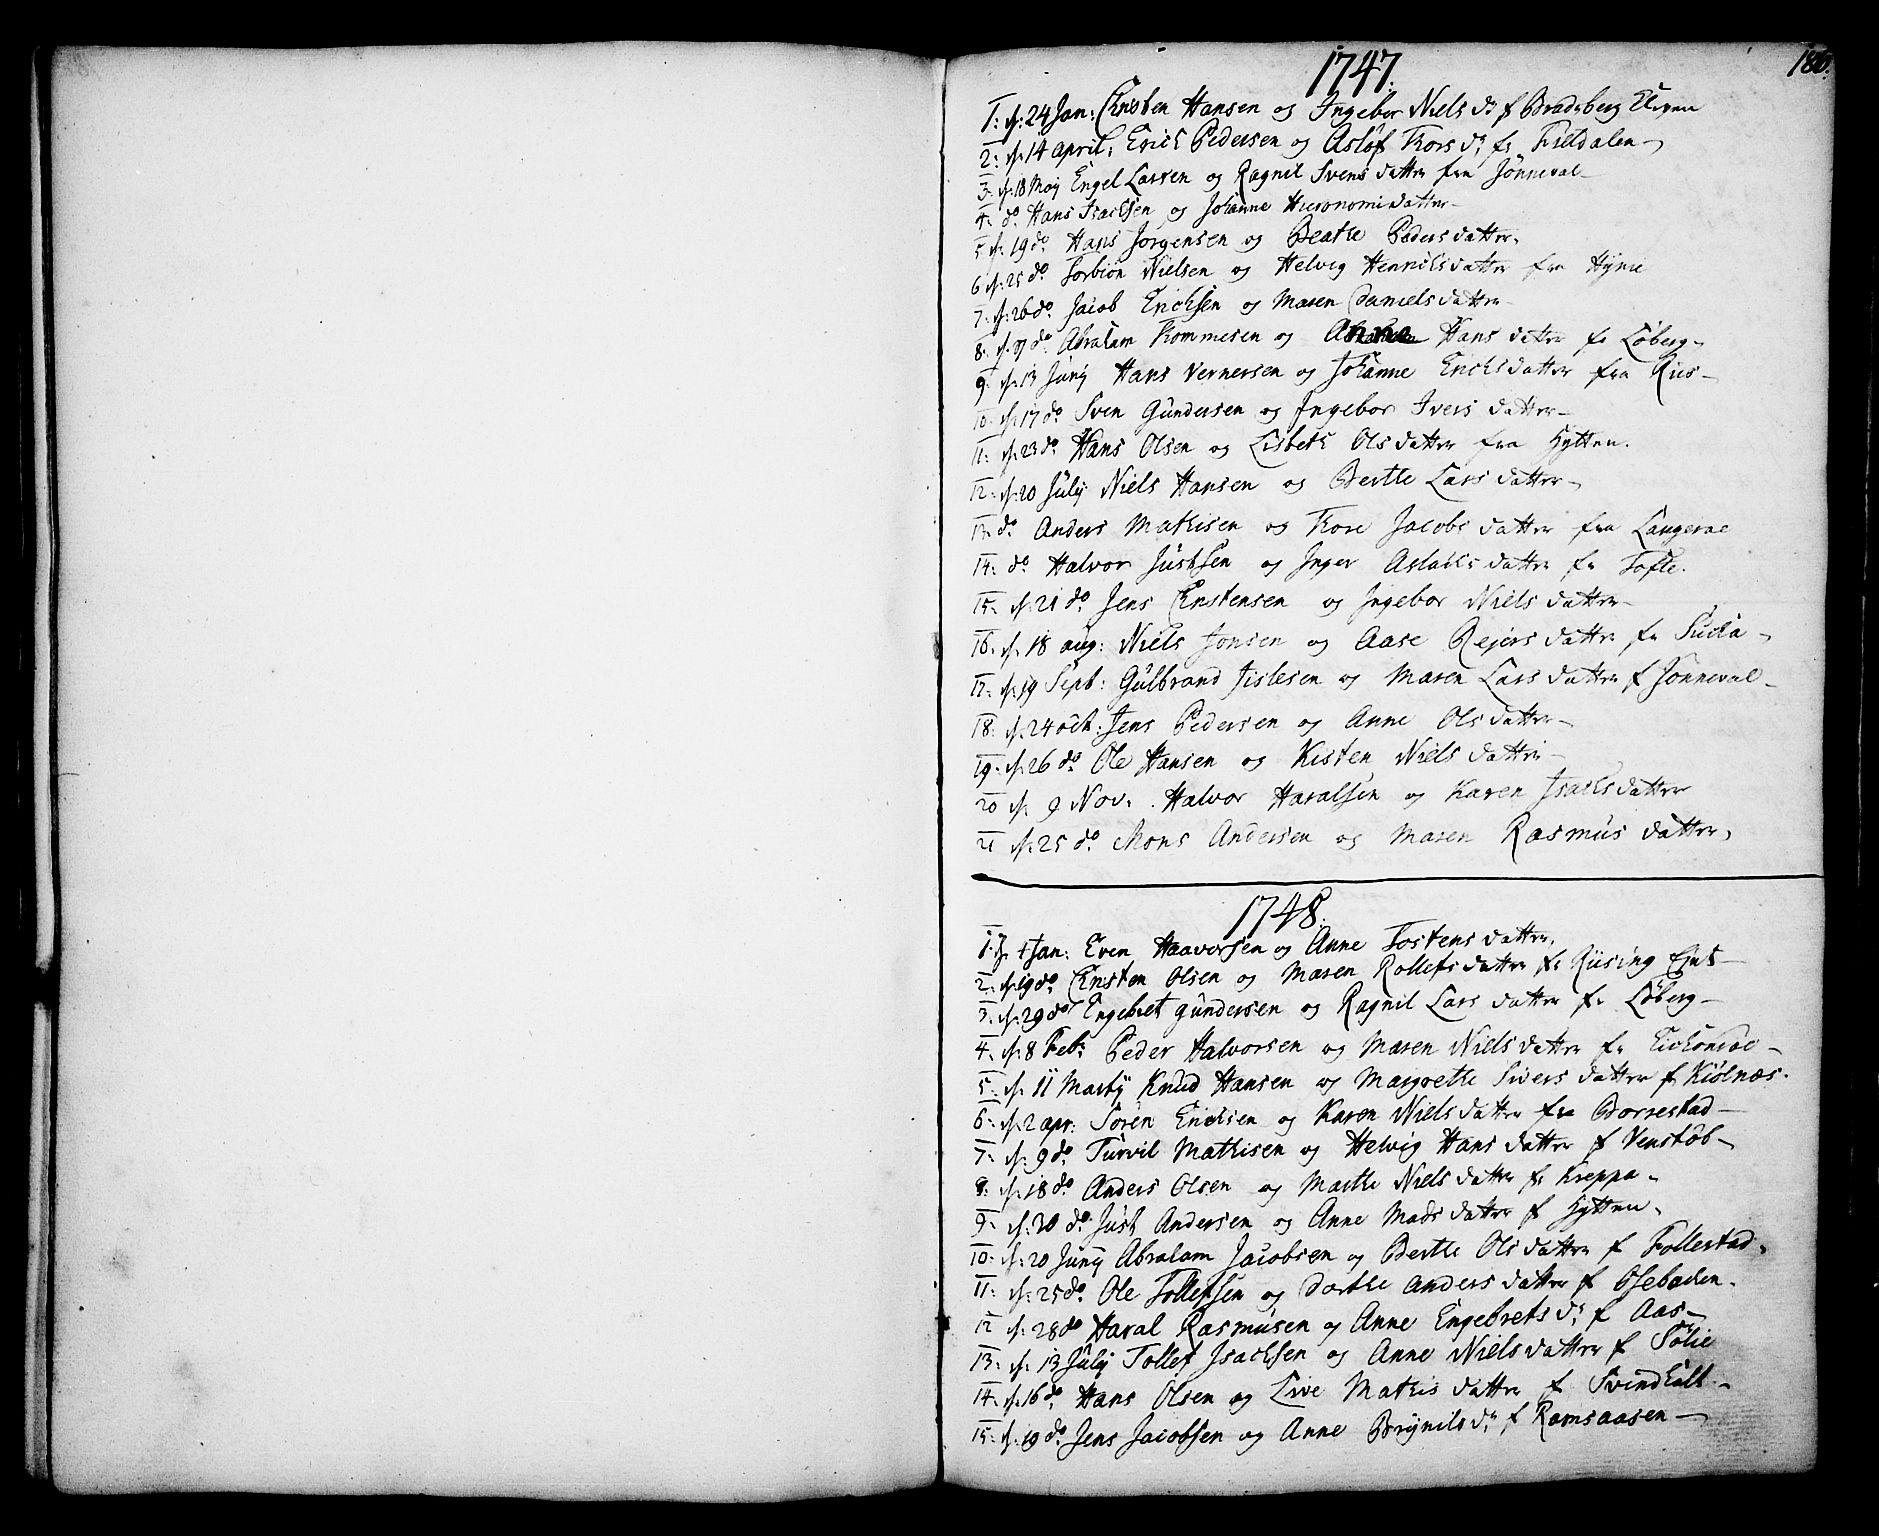 SAKO, Gjerpen kirkebøker, F/Fa/L0002: Ministerialbok nr. 2, 1747-1795, s. 186